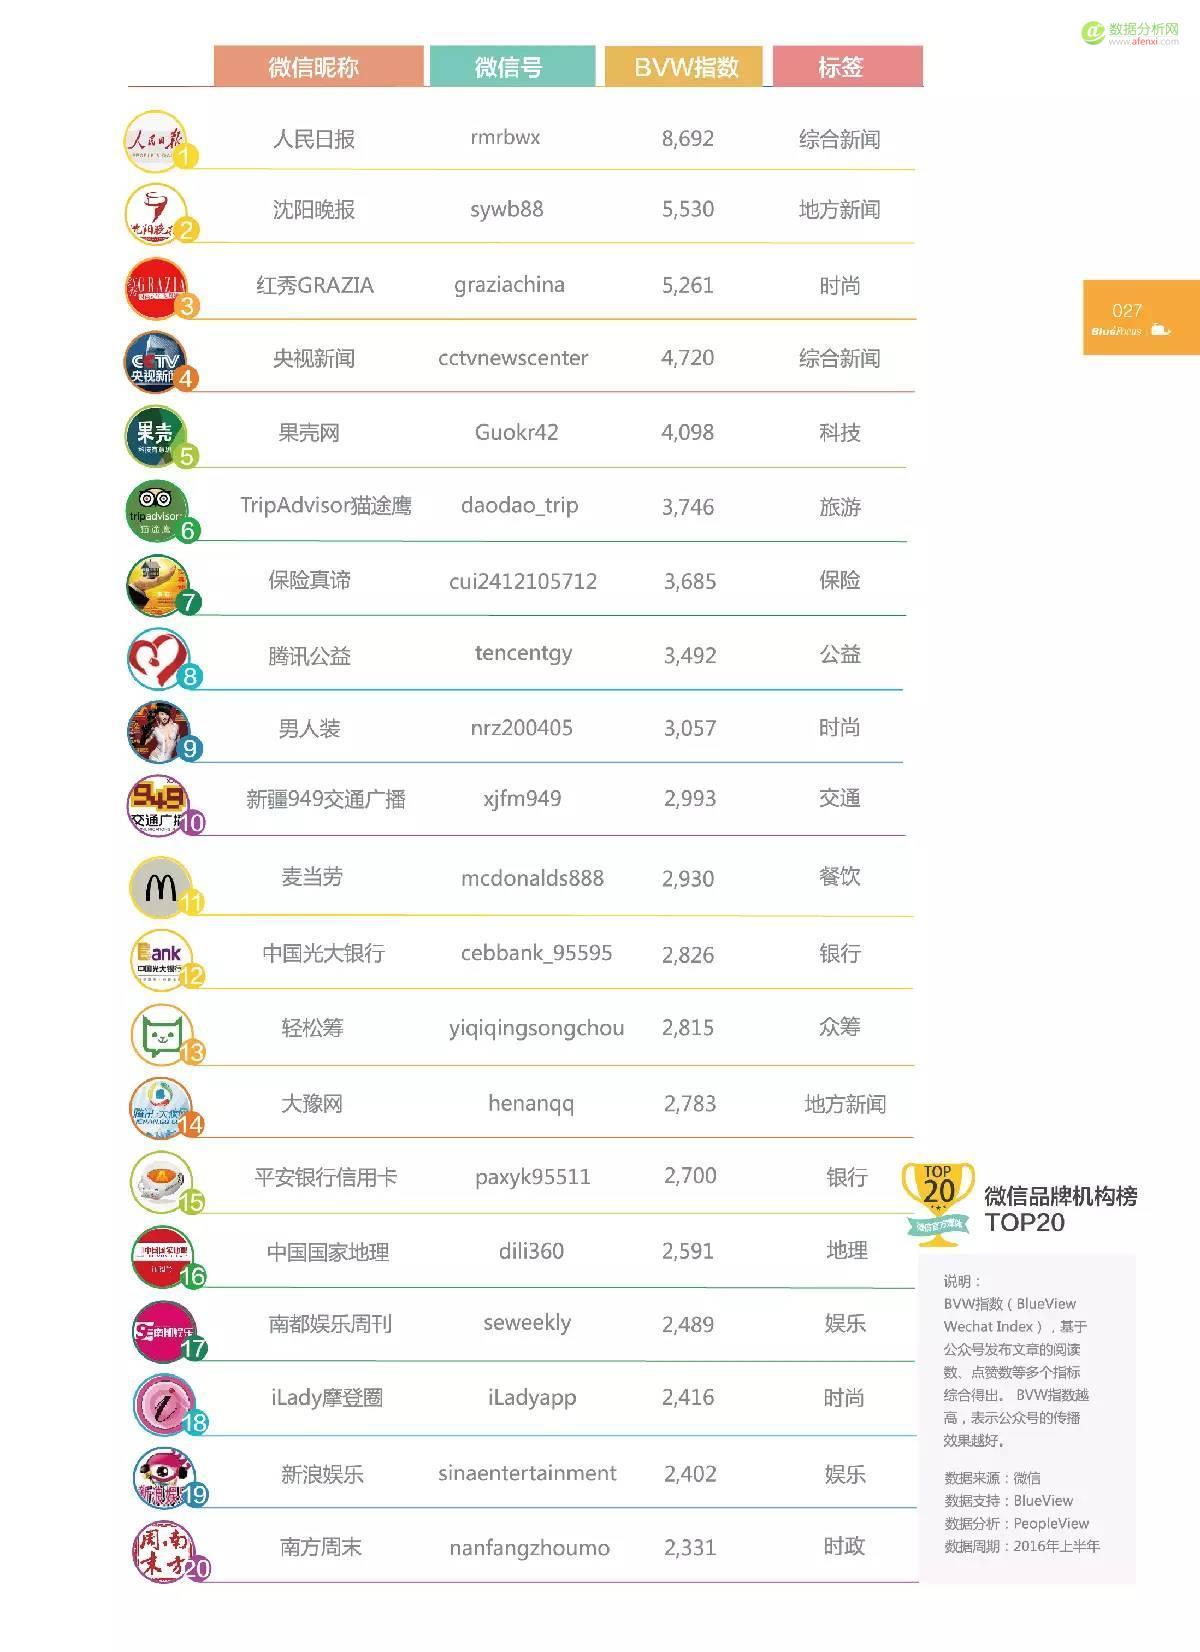 里约奥运会将近,如何靠数据做好社会化营销?